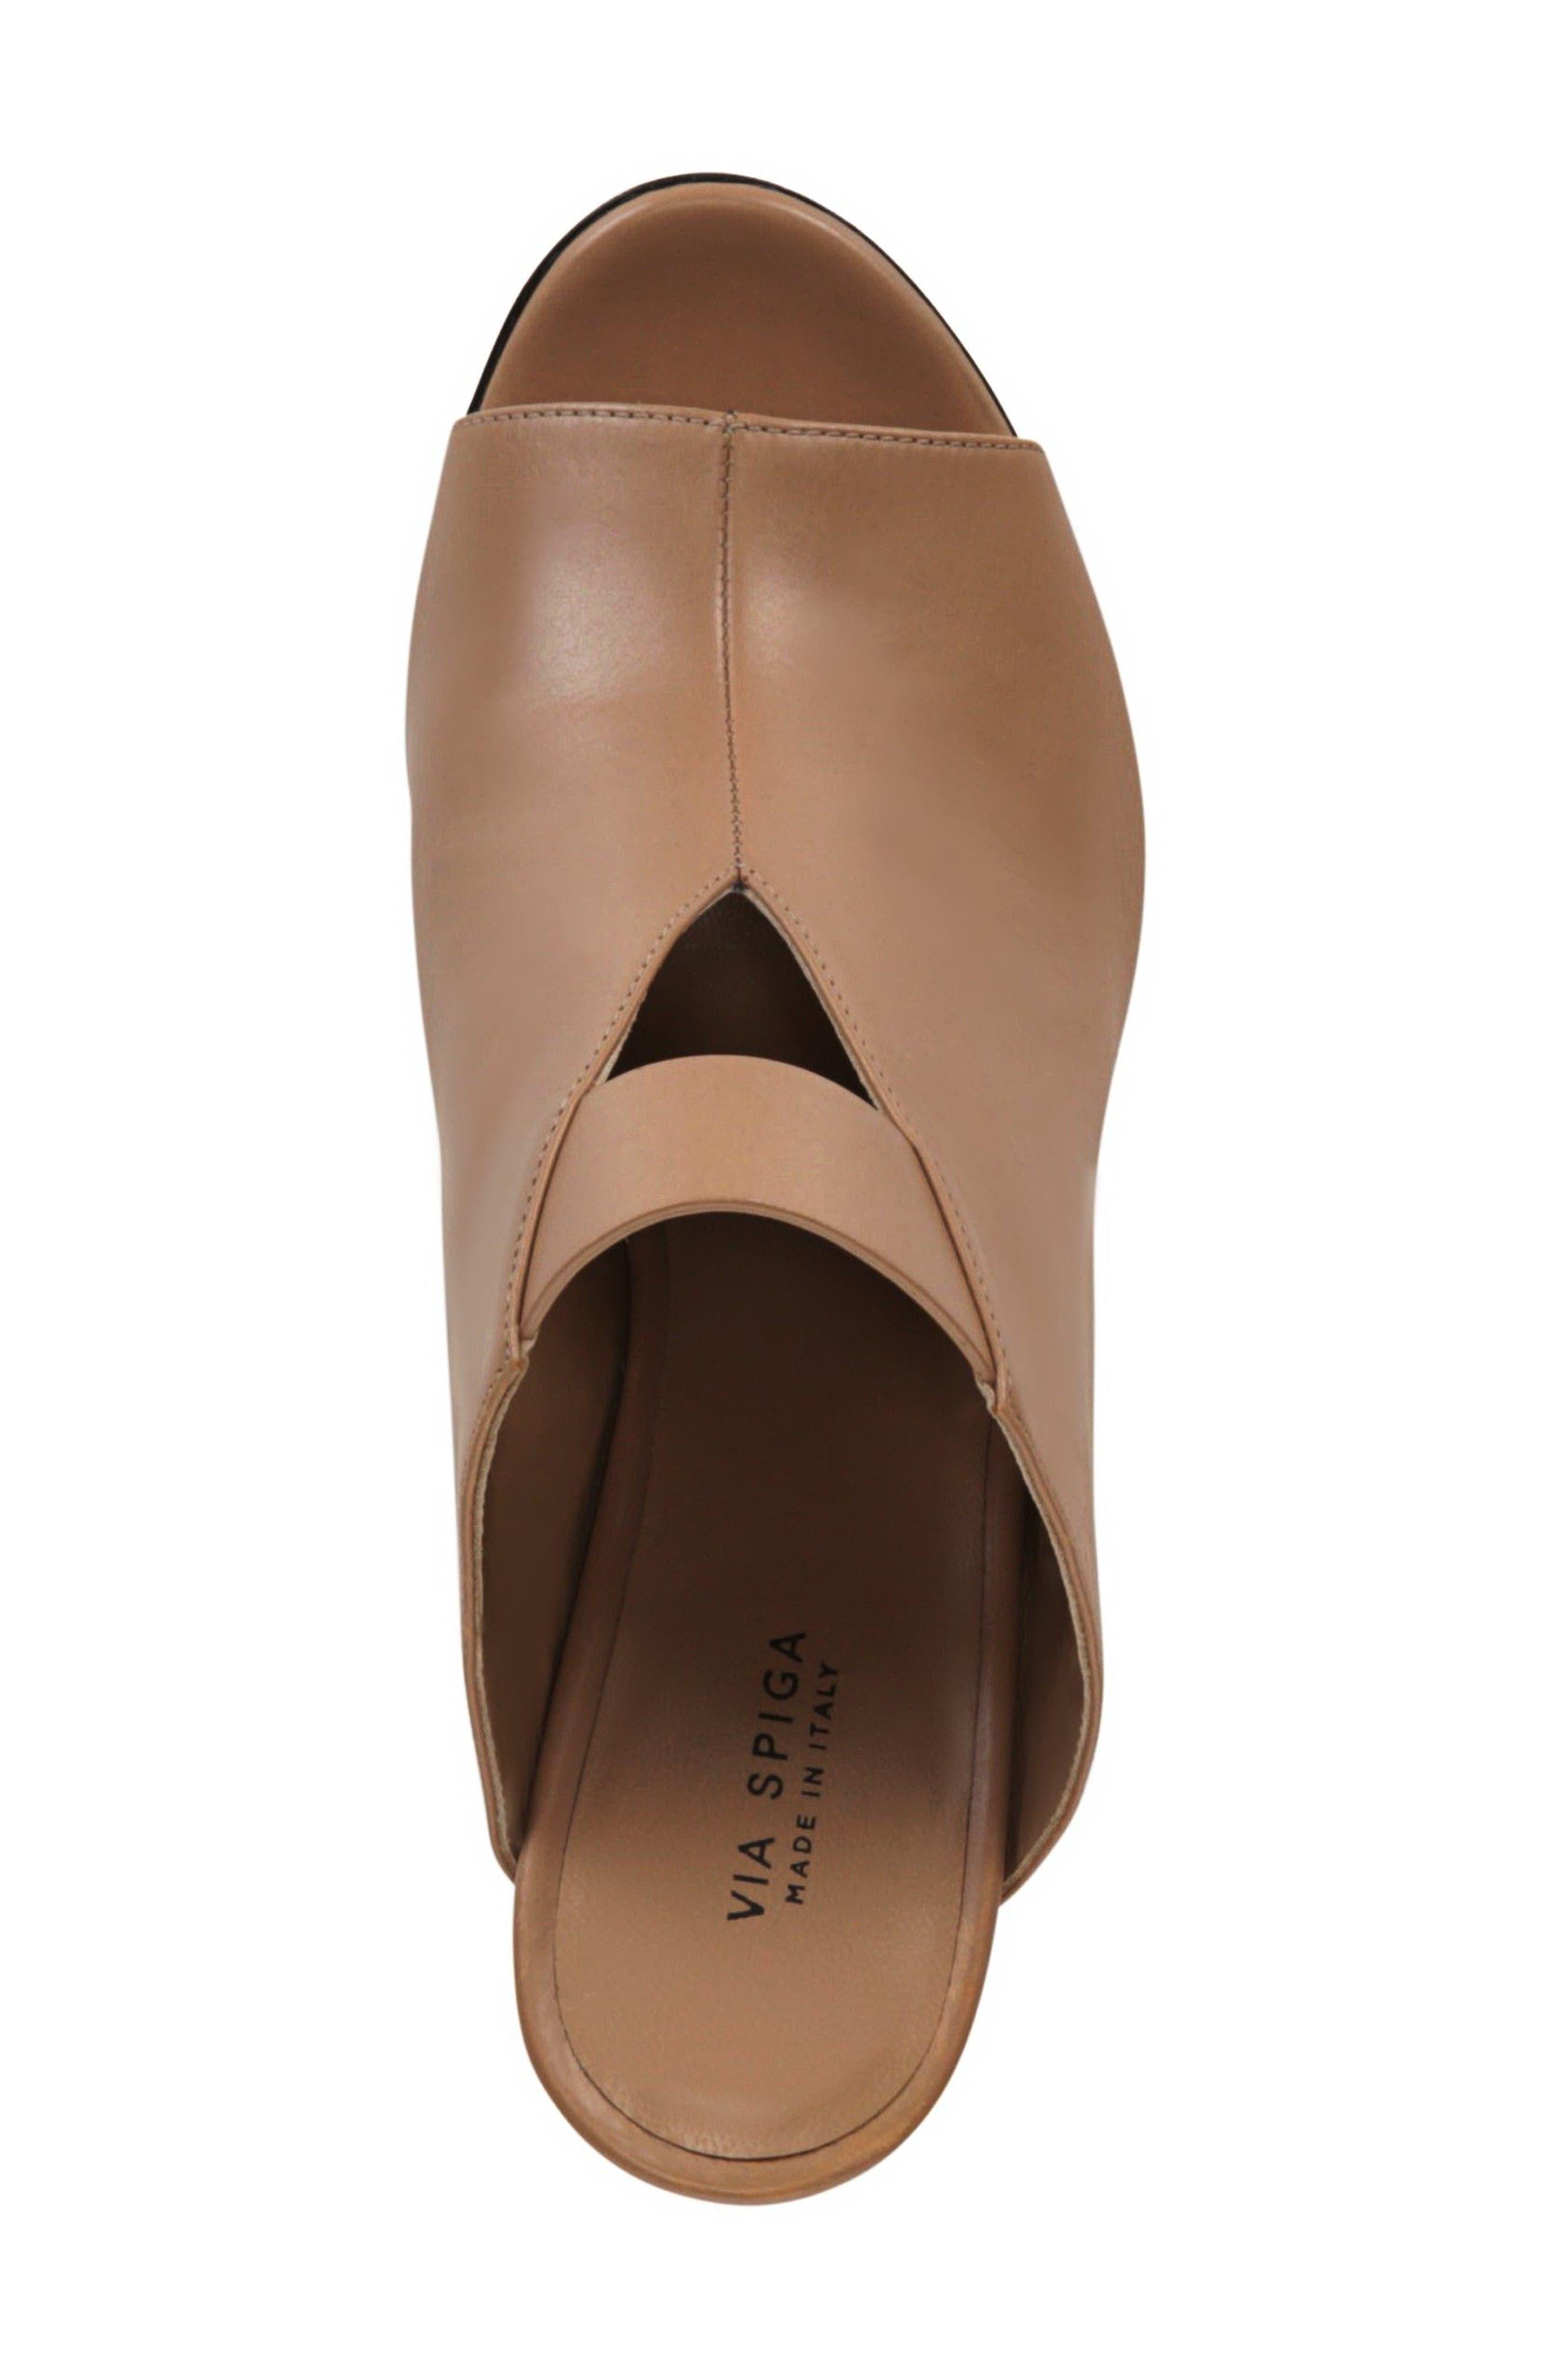 Mira Sandal,                             Alternate thumbnail 5, color,                             Desert Leather